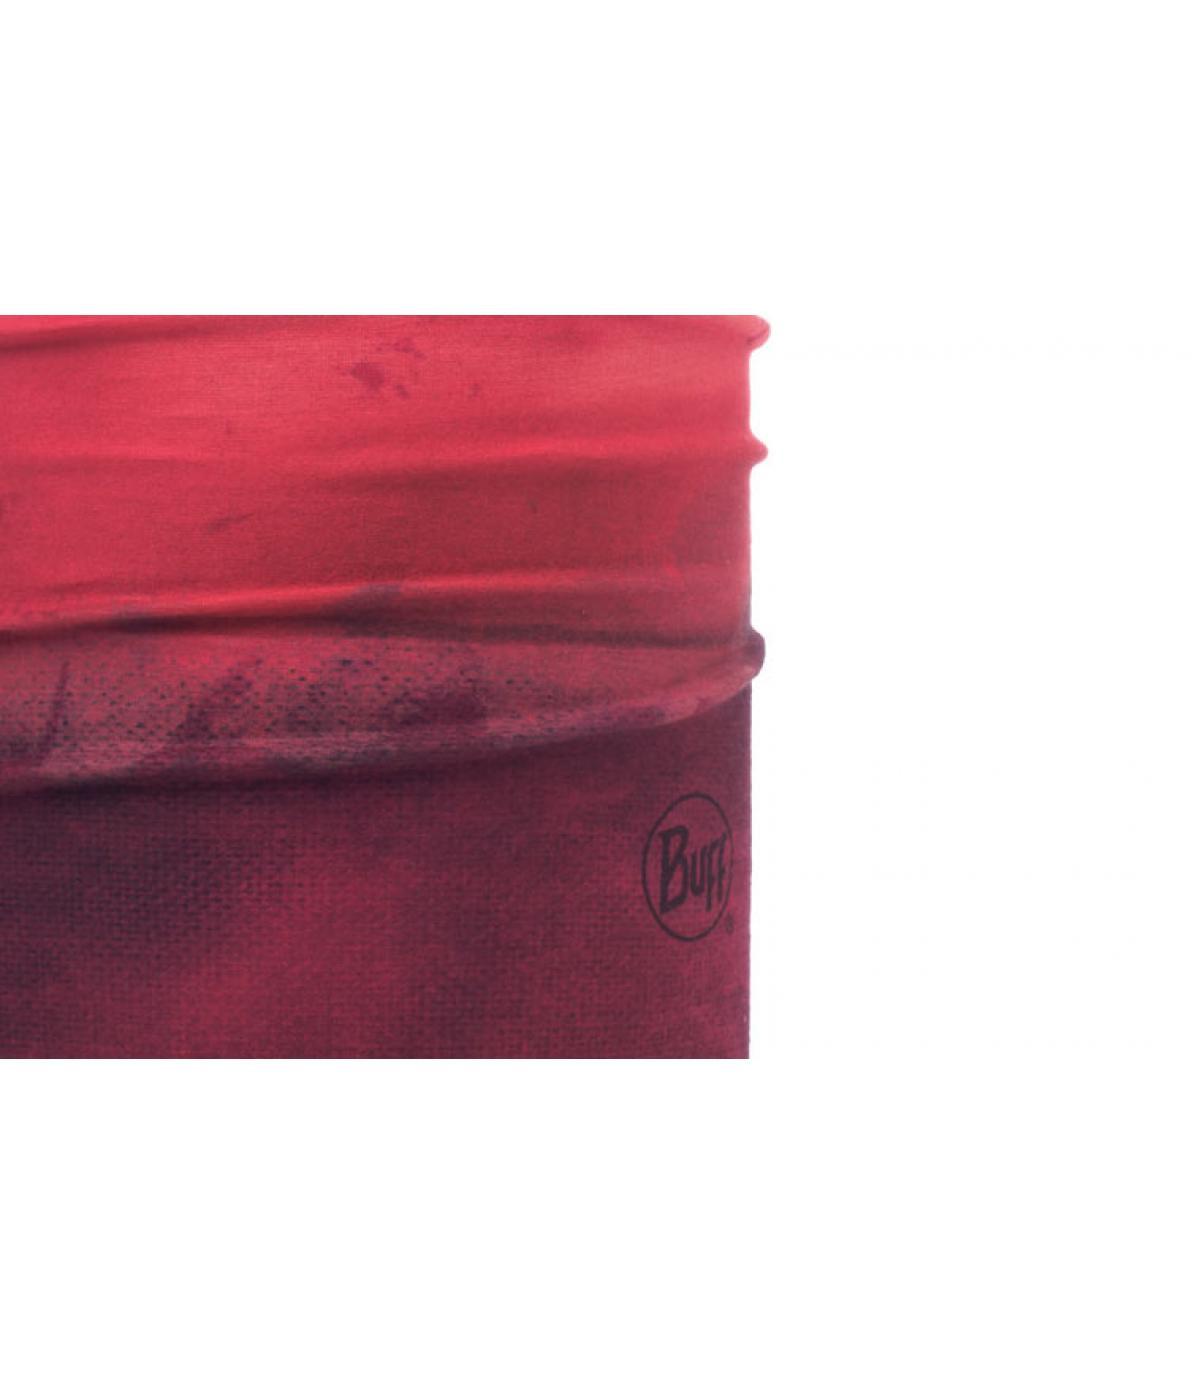 Détails Active Rotkar pink - image 2